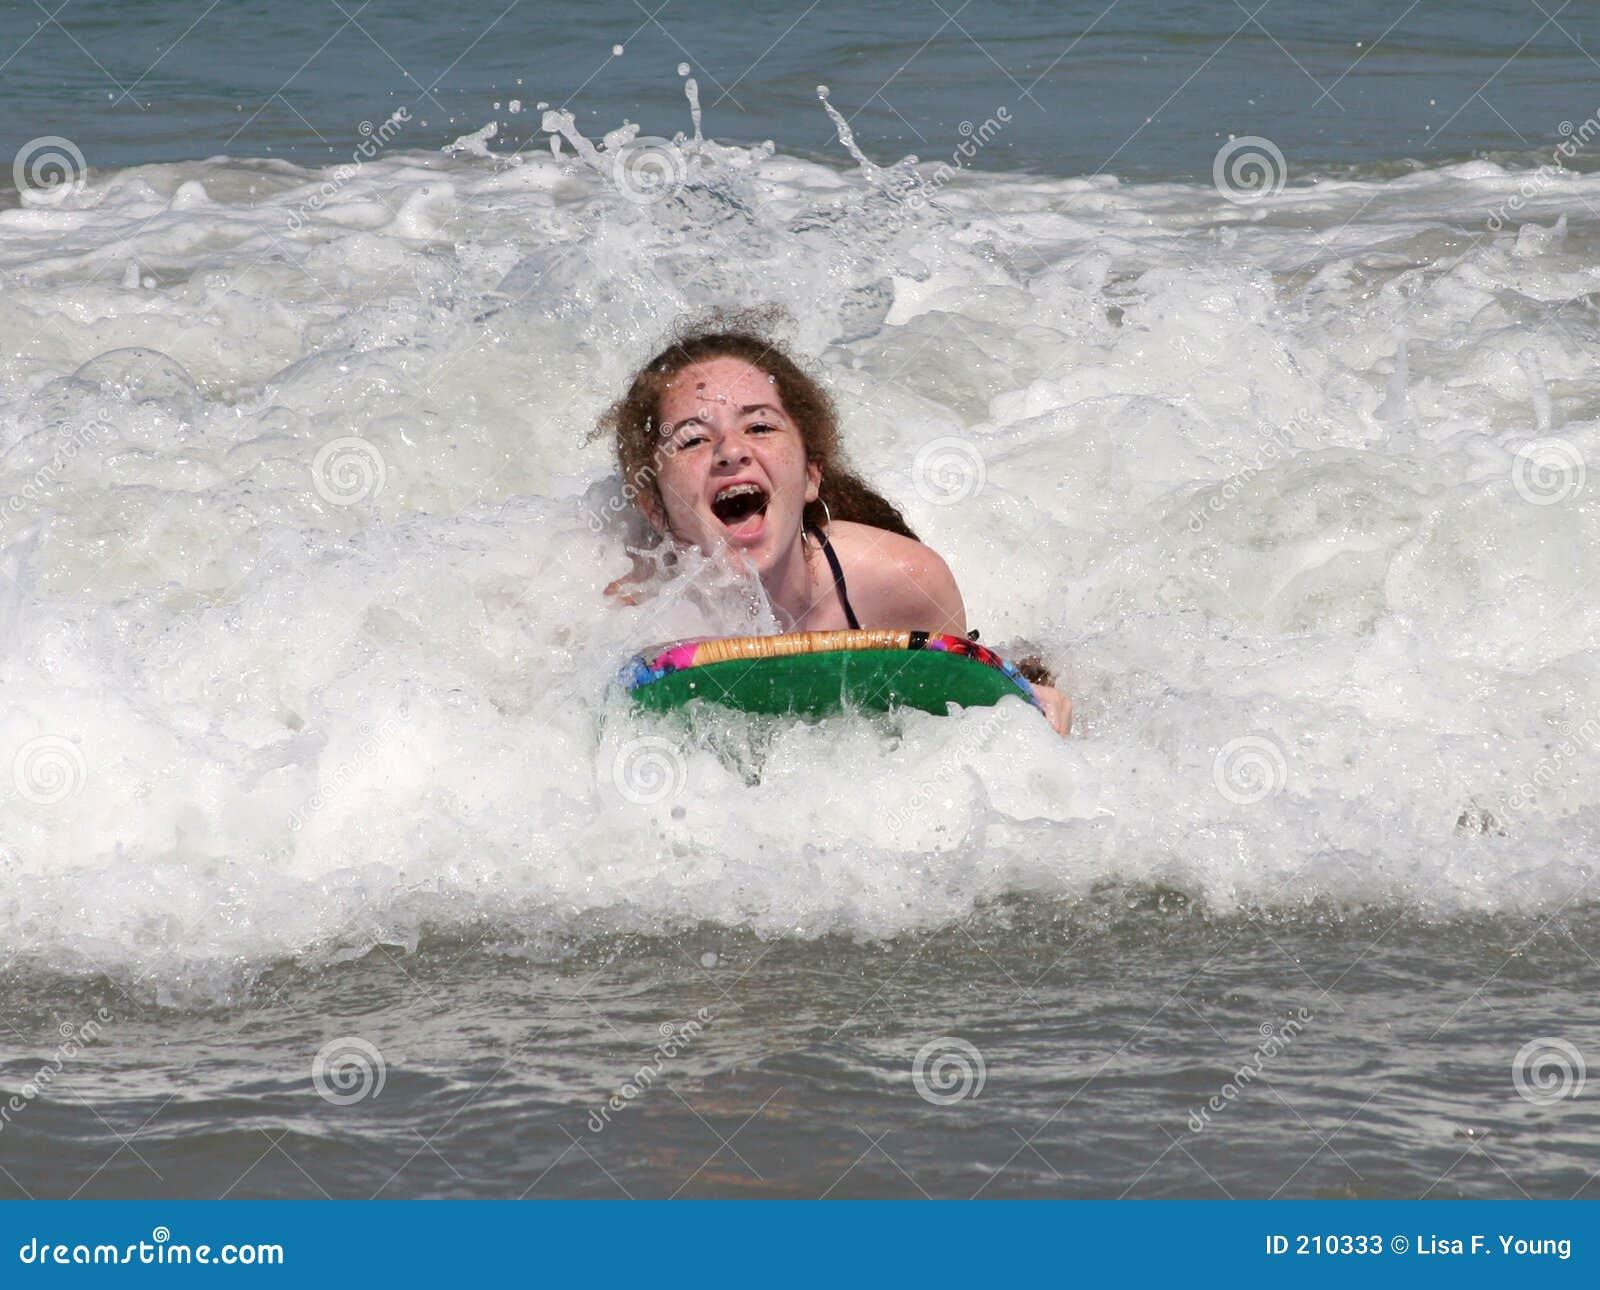 Rida waves